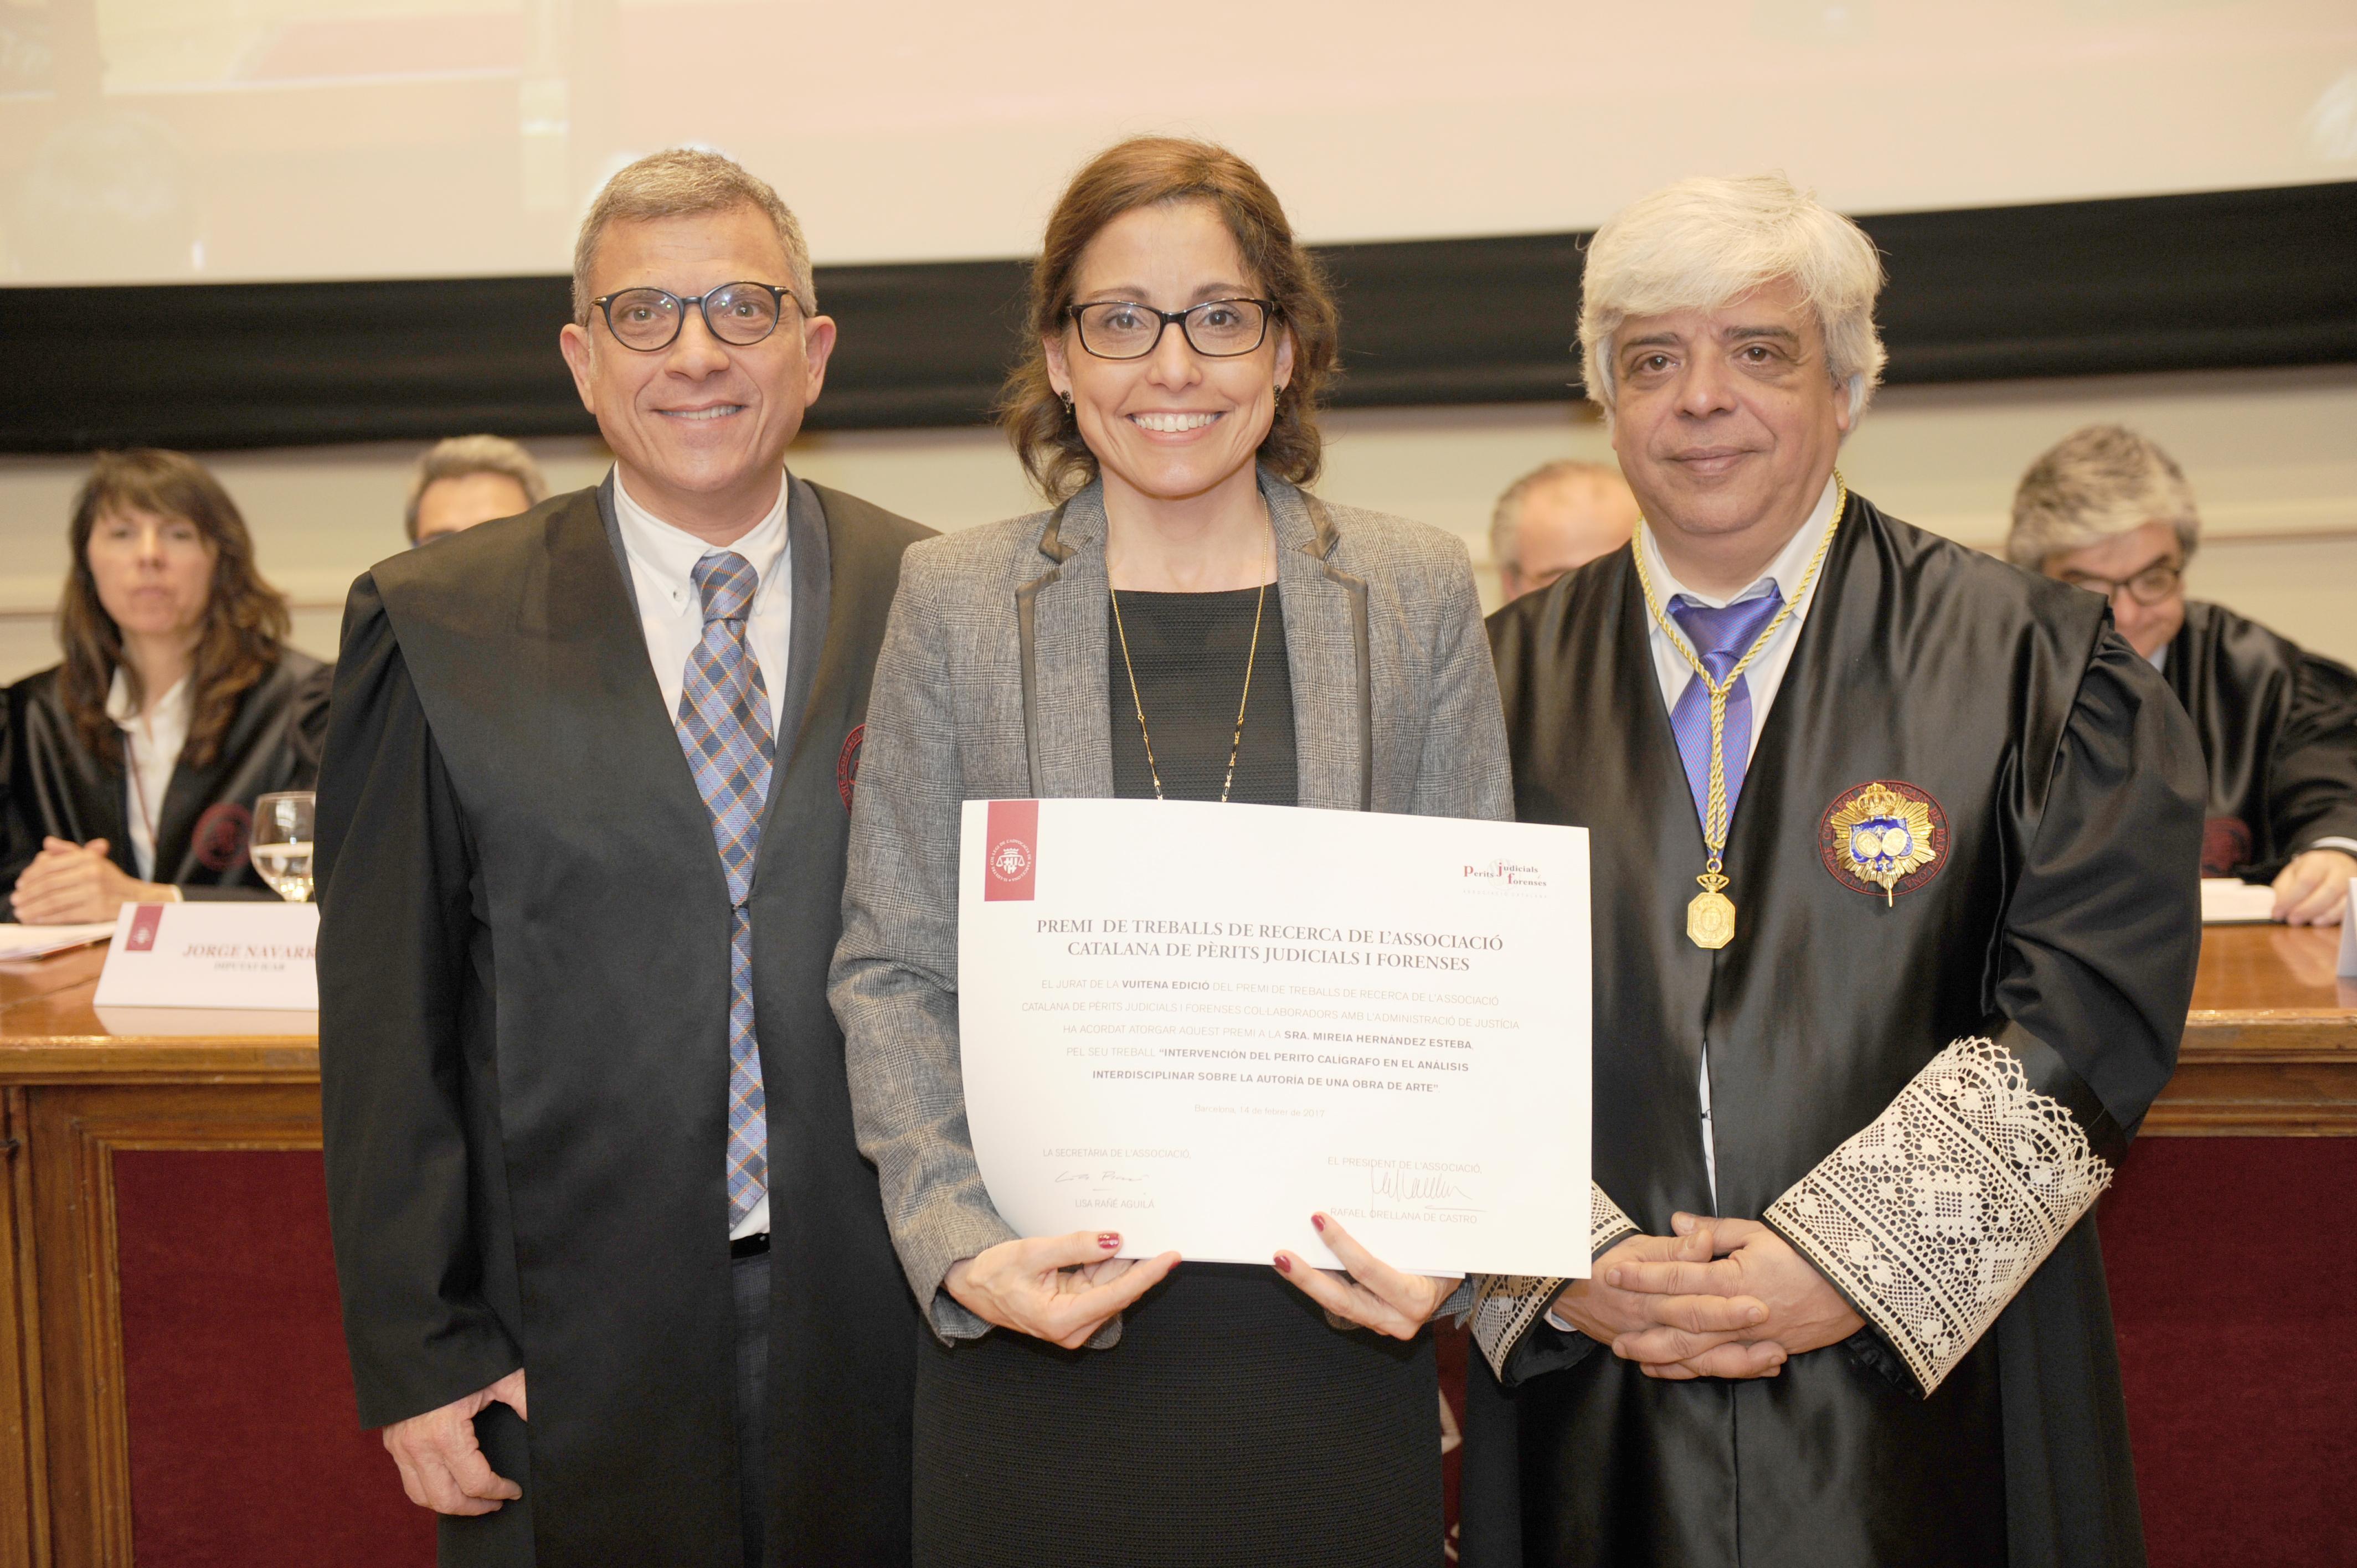 MIREIA HERNÁNDEZ guanya la VIII Edició del Premi de Treballs de Recerca convocat per l'Associació Catalana de Perits Judicials. 14 de febrer de 2017.